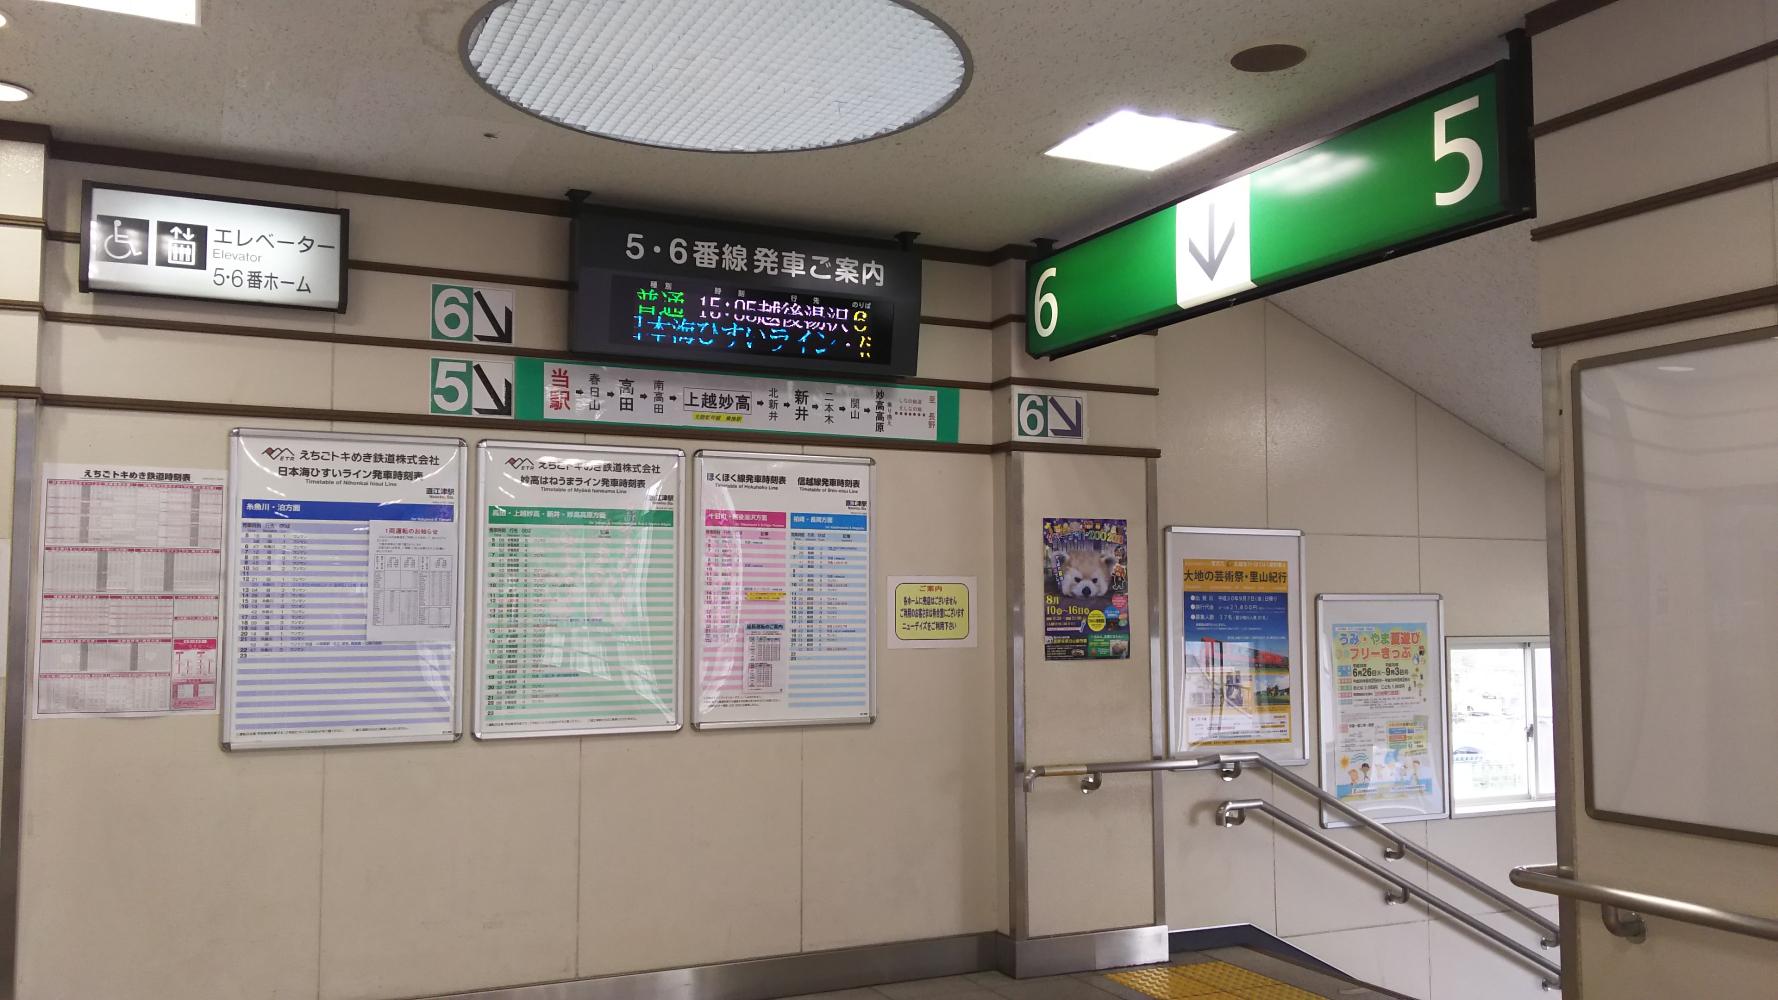 naoetsu_sta3-4.jpg